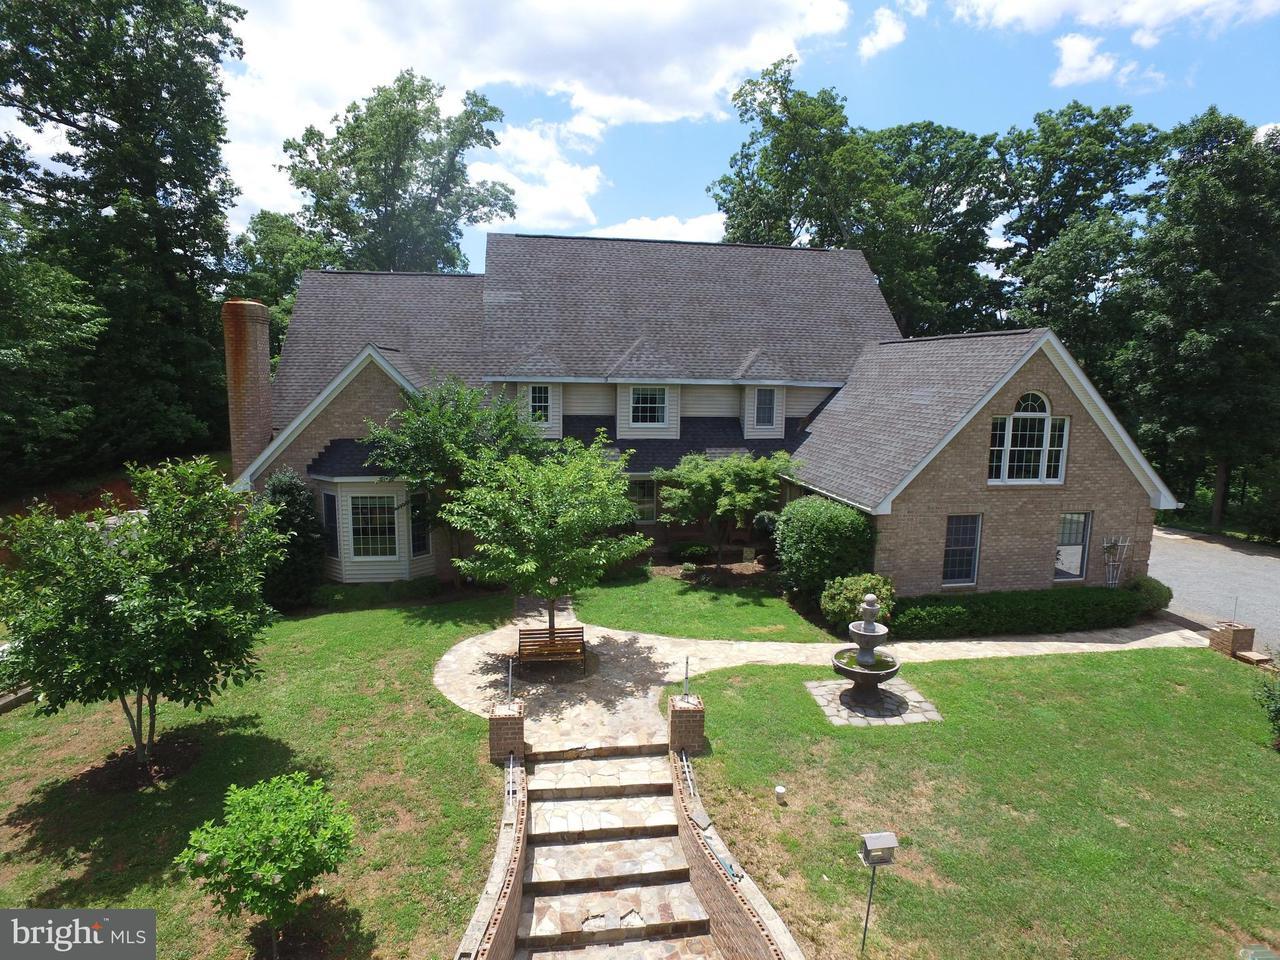 단독 가정 주택 용 매매 에 10952 Mountain Run Lake Road 10952 Mountain Run Lake Road Culpeper, 버지니아 22701 미국